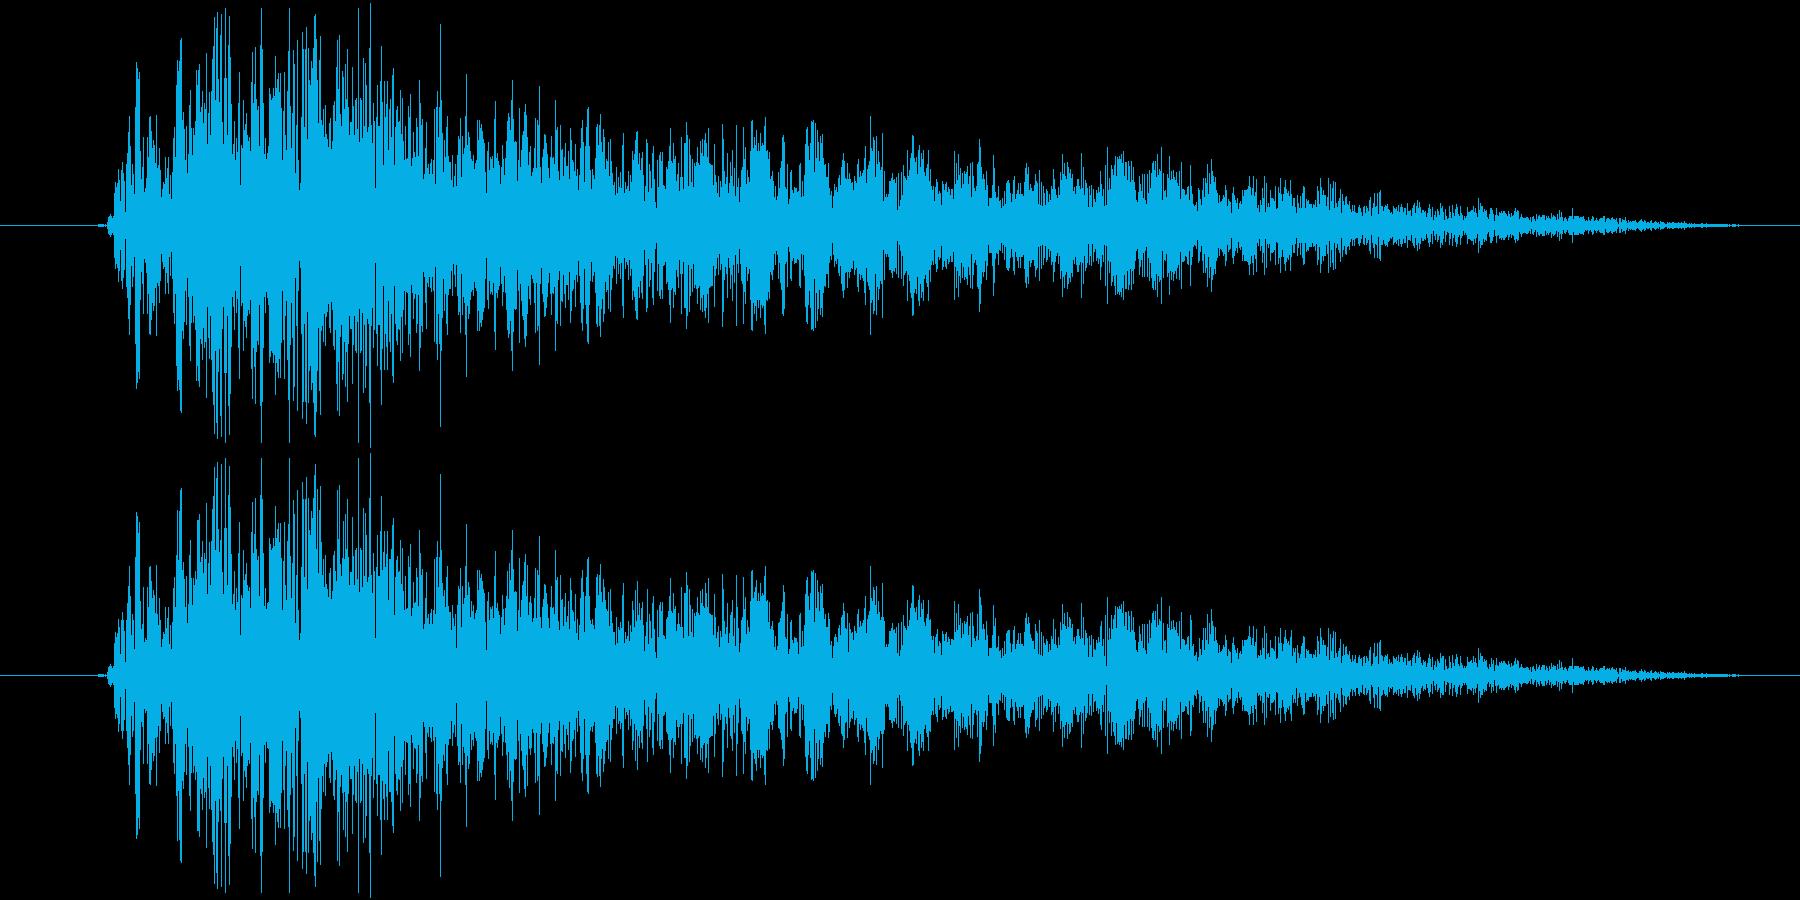 シューティングのショット音 5段階の4の再生済みの波形